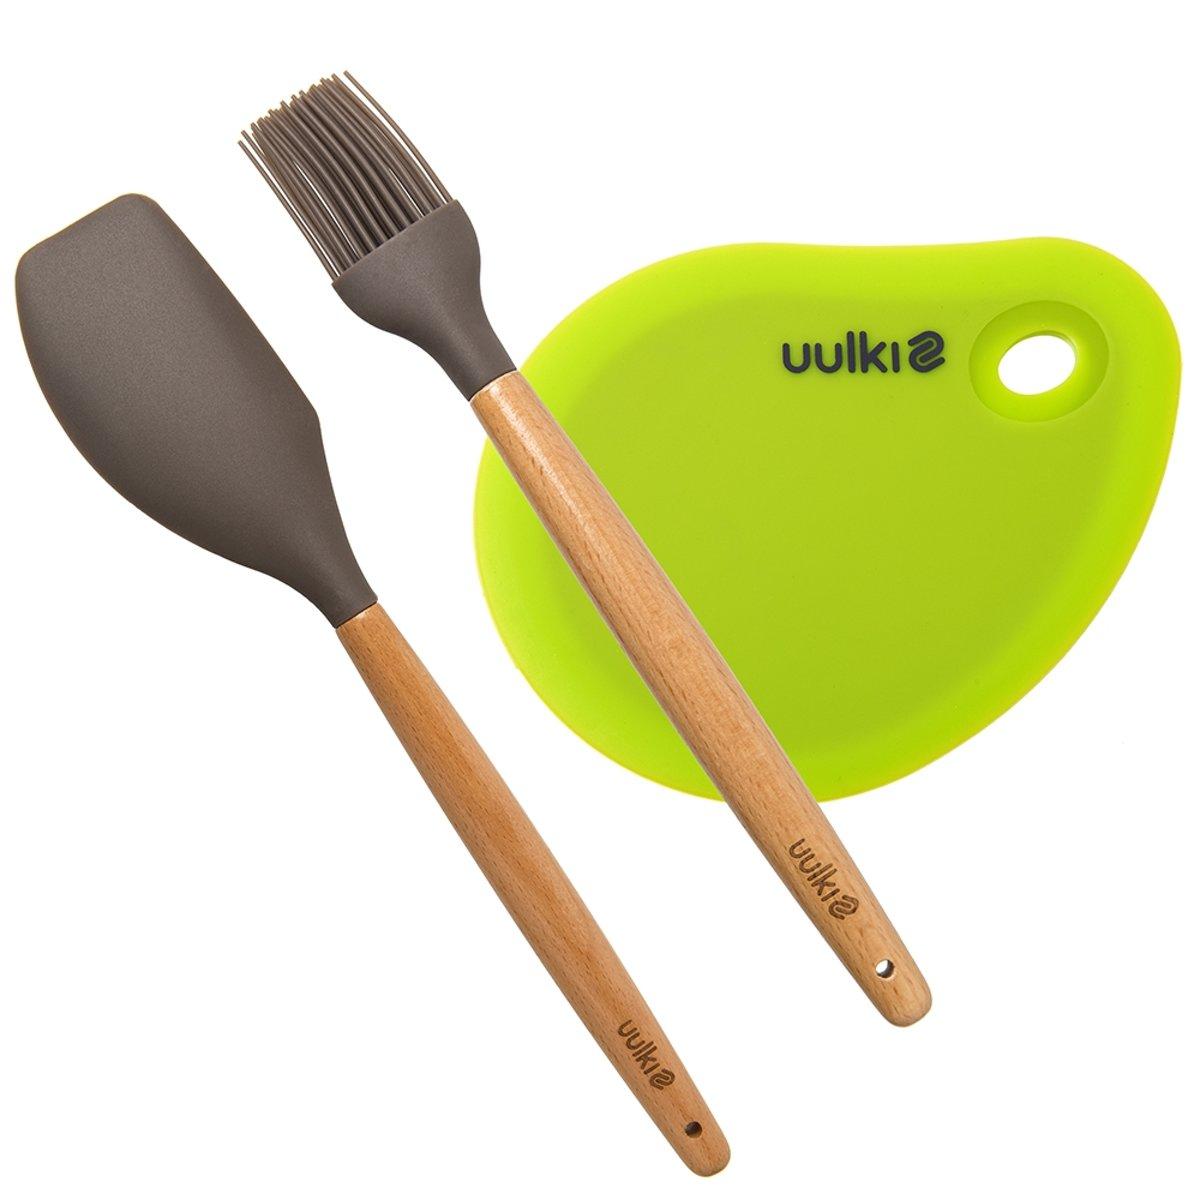 Happy Pastry Chef 3-delige Bakset: Pannenlikker / pottenlikker, Bakborstel / grillborstel, Deegkrabber / Deegschraper / Deegsnijder – hout en siliconen - van Uulki kopen